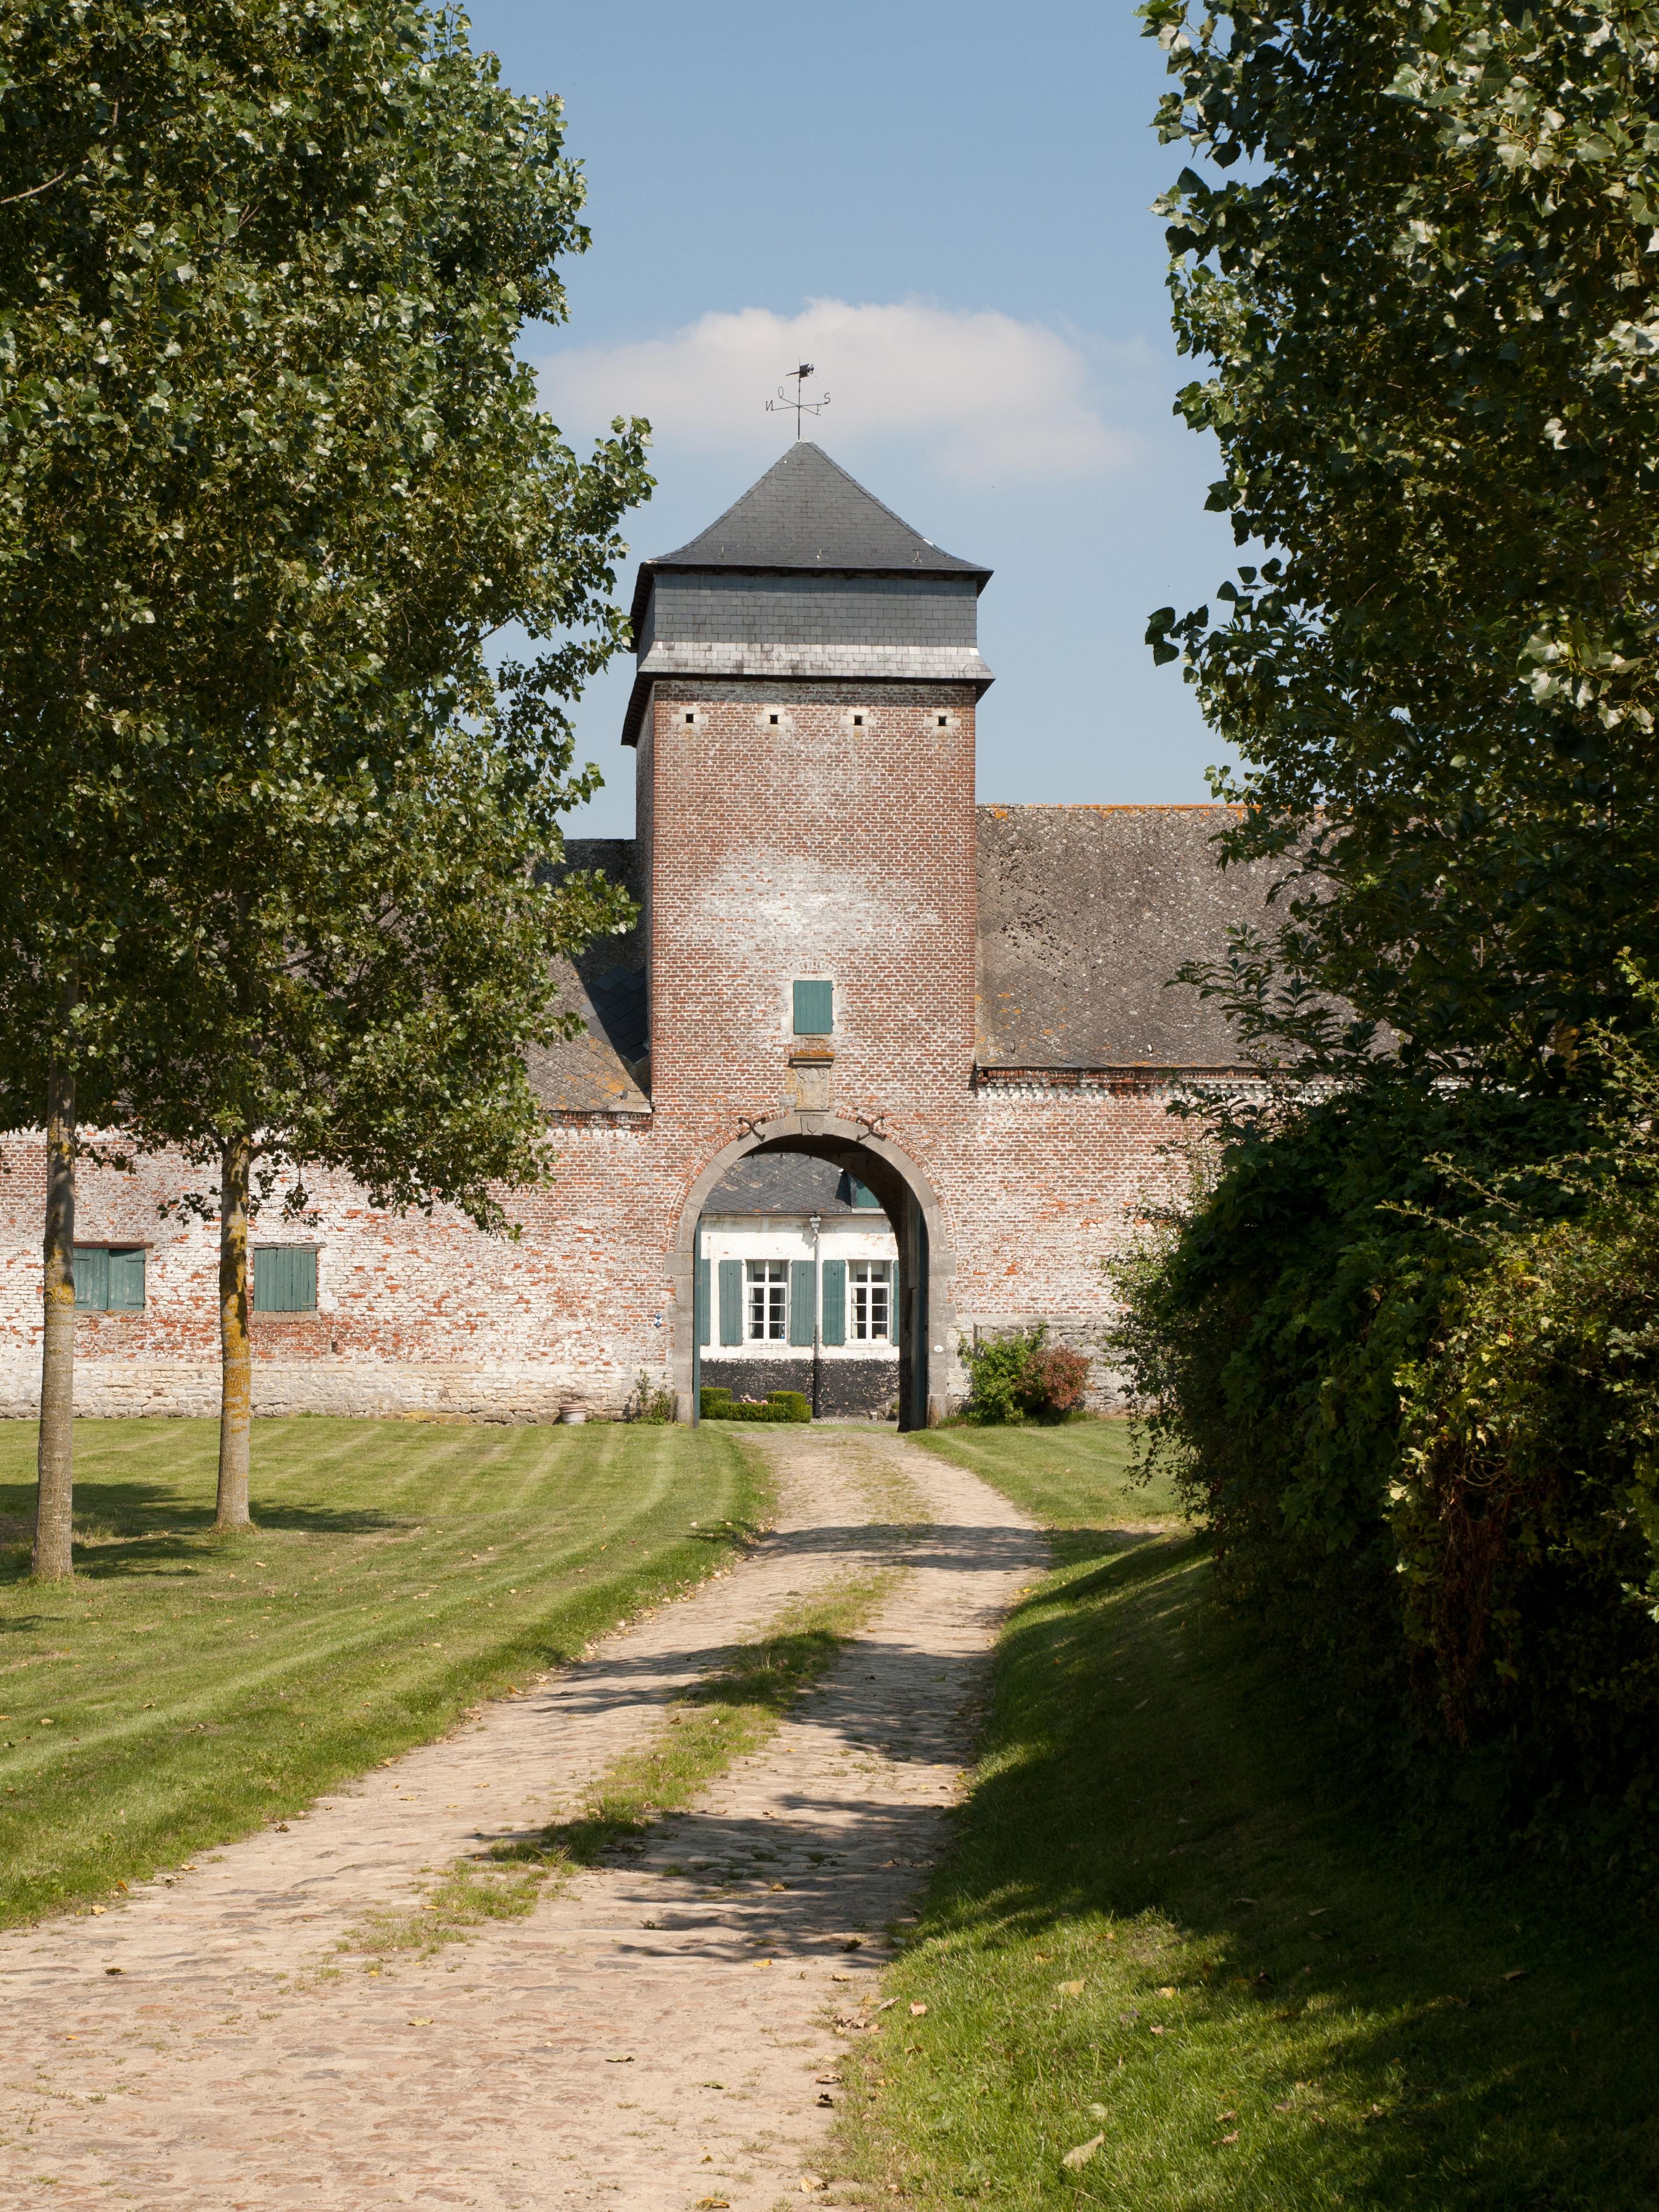 File:25005-PEX-0002-01 Boerderij Wahenge Bevekom 1.jpg